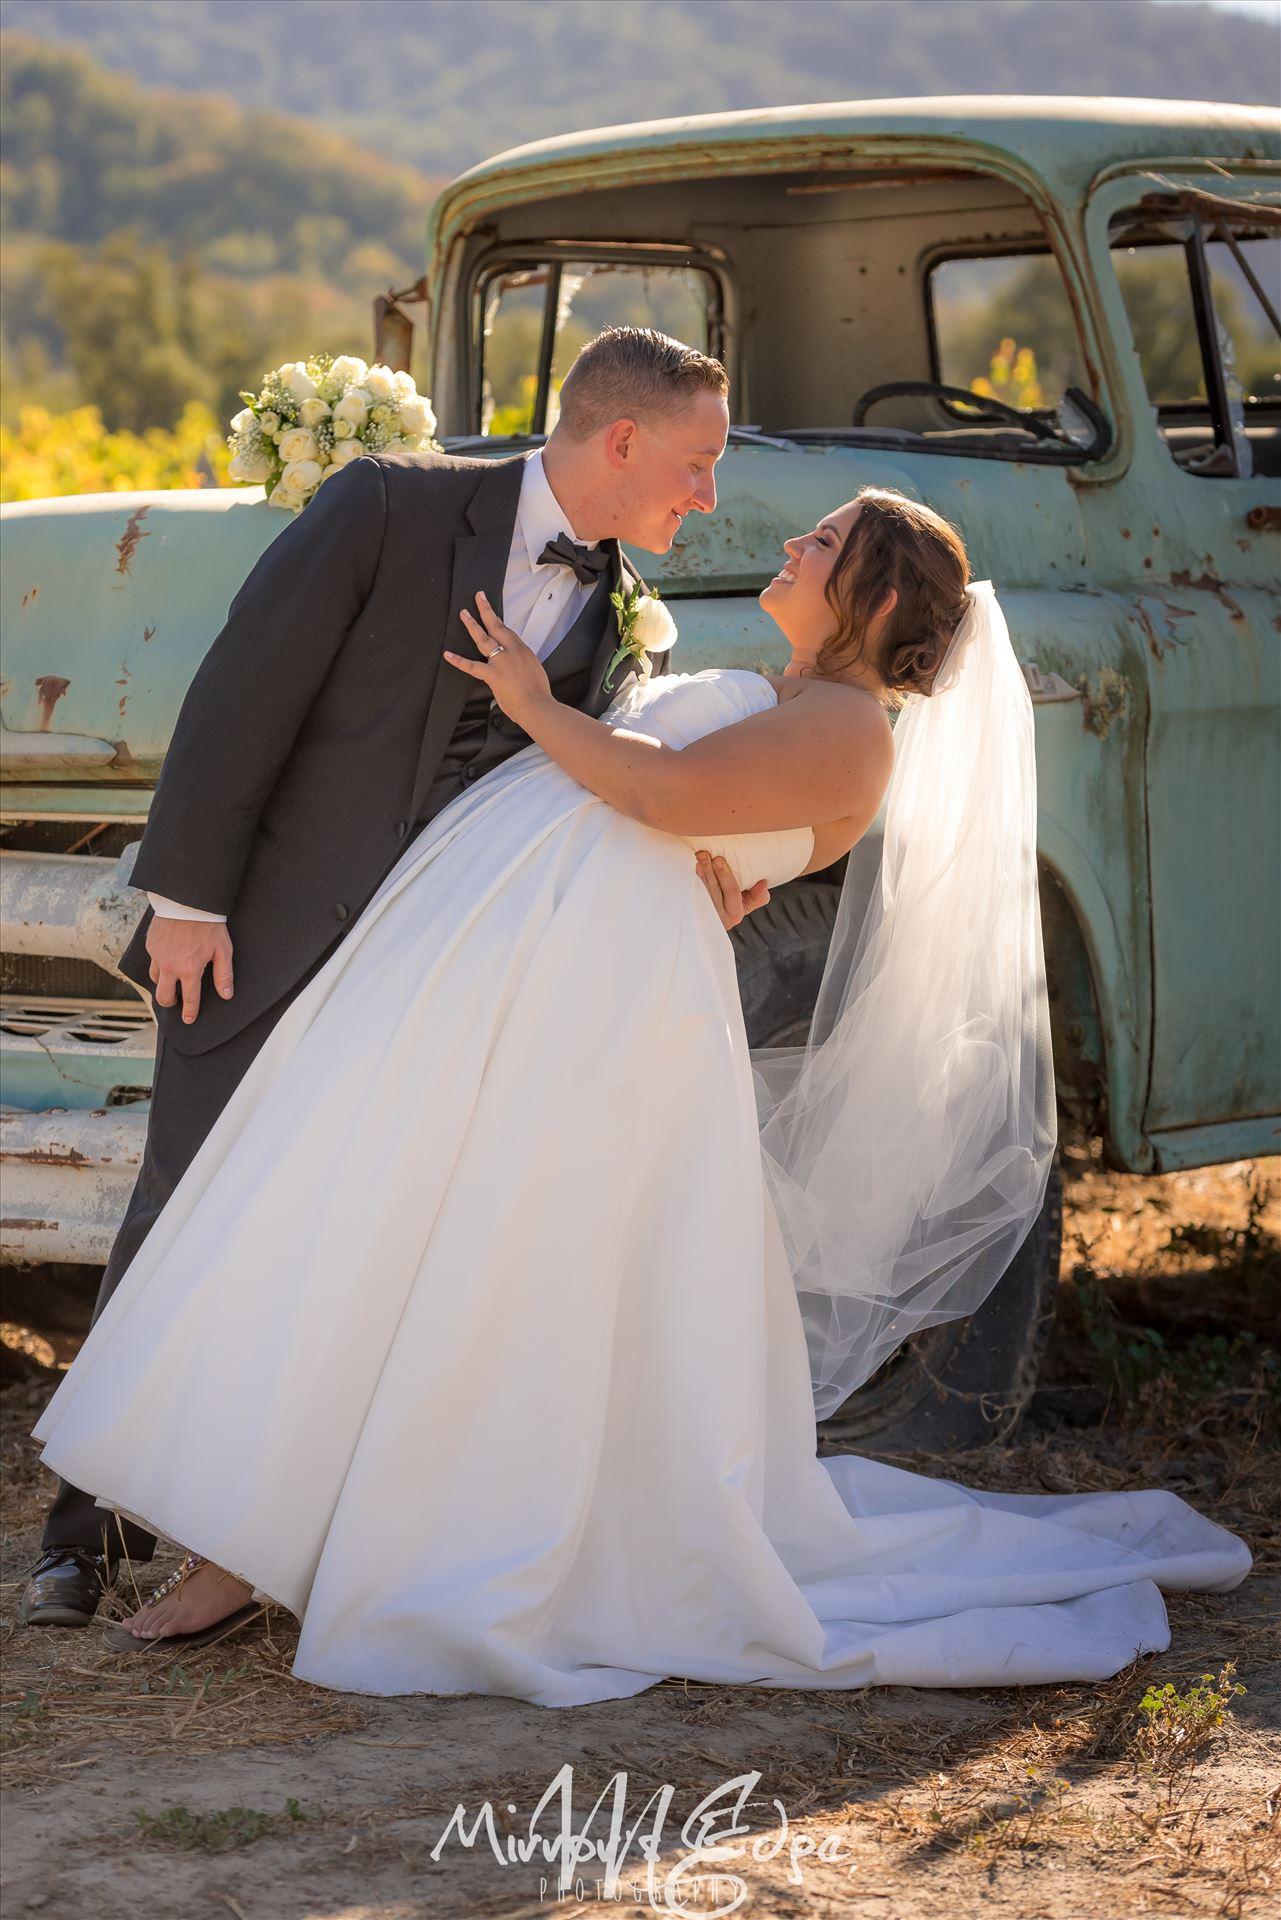 Gilroy Wedding Photography 09Mirror's Edge Photography provides wedding and engagement photography for San Luis Obispo, Arroyo Grande, Pismo Beach, Avila Beach, Morro Bay and surrounding Central Coast locations